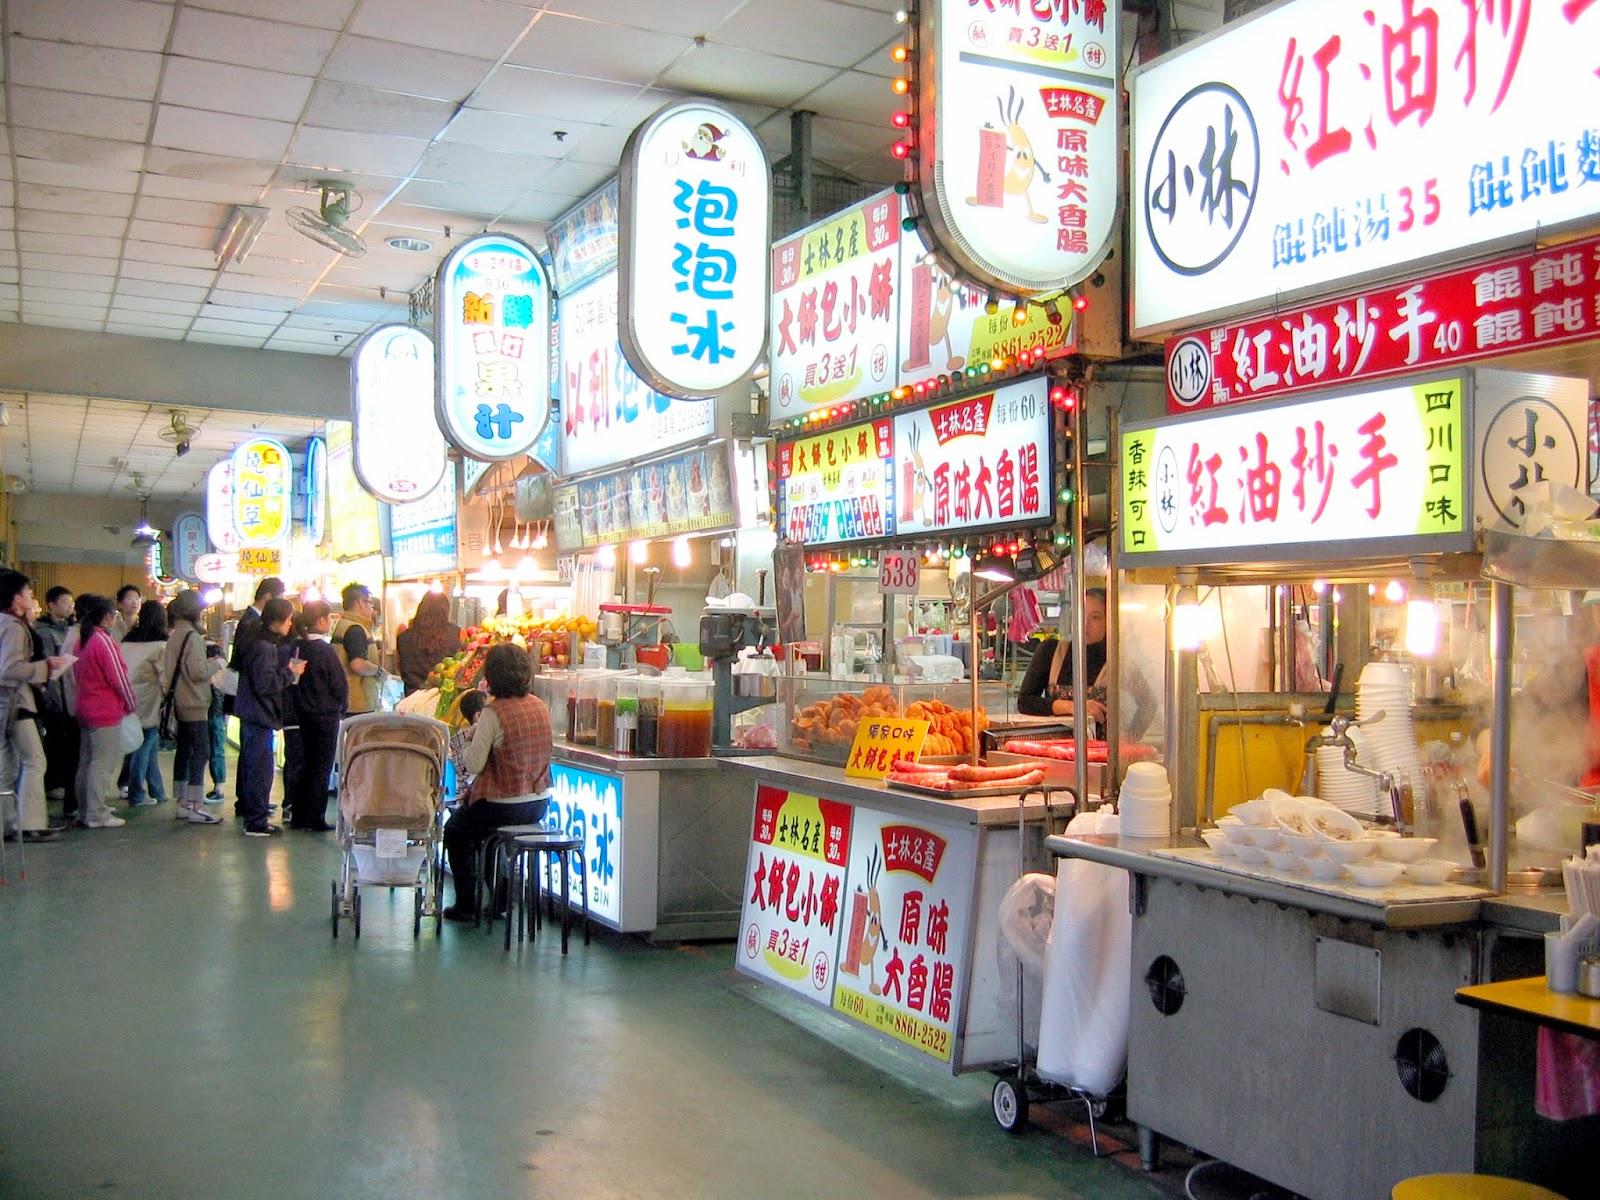 【非凡大探索美食】宜蘭吃透透